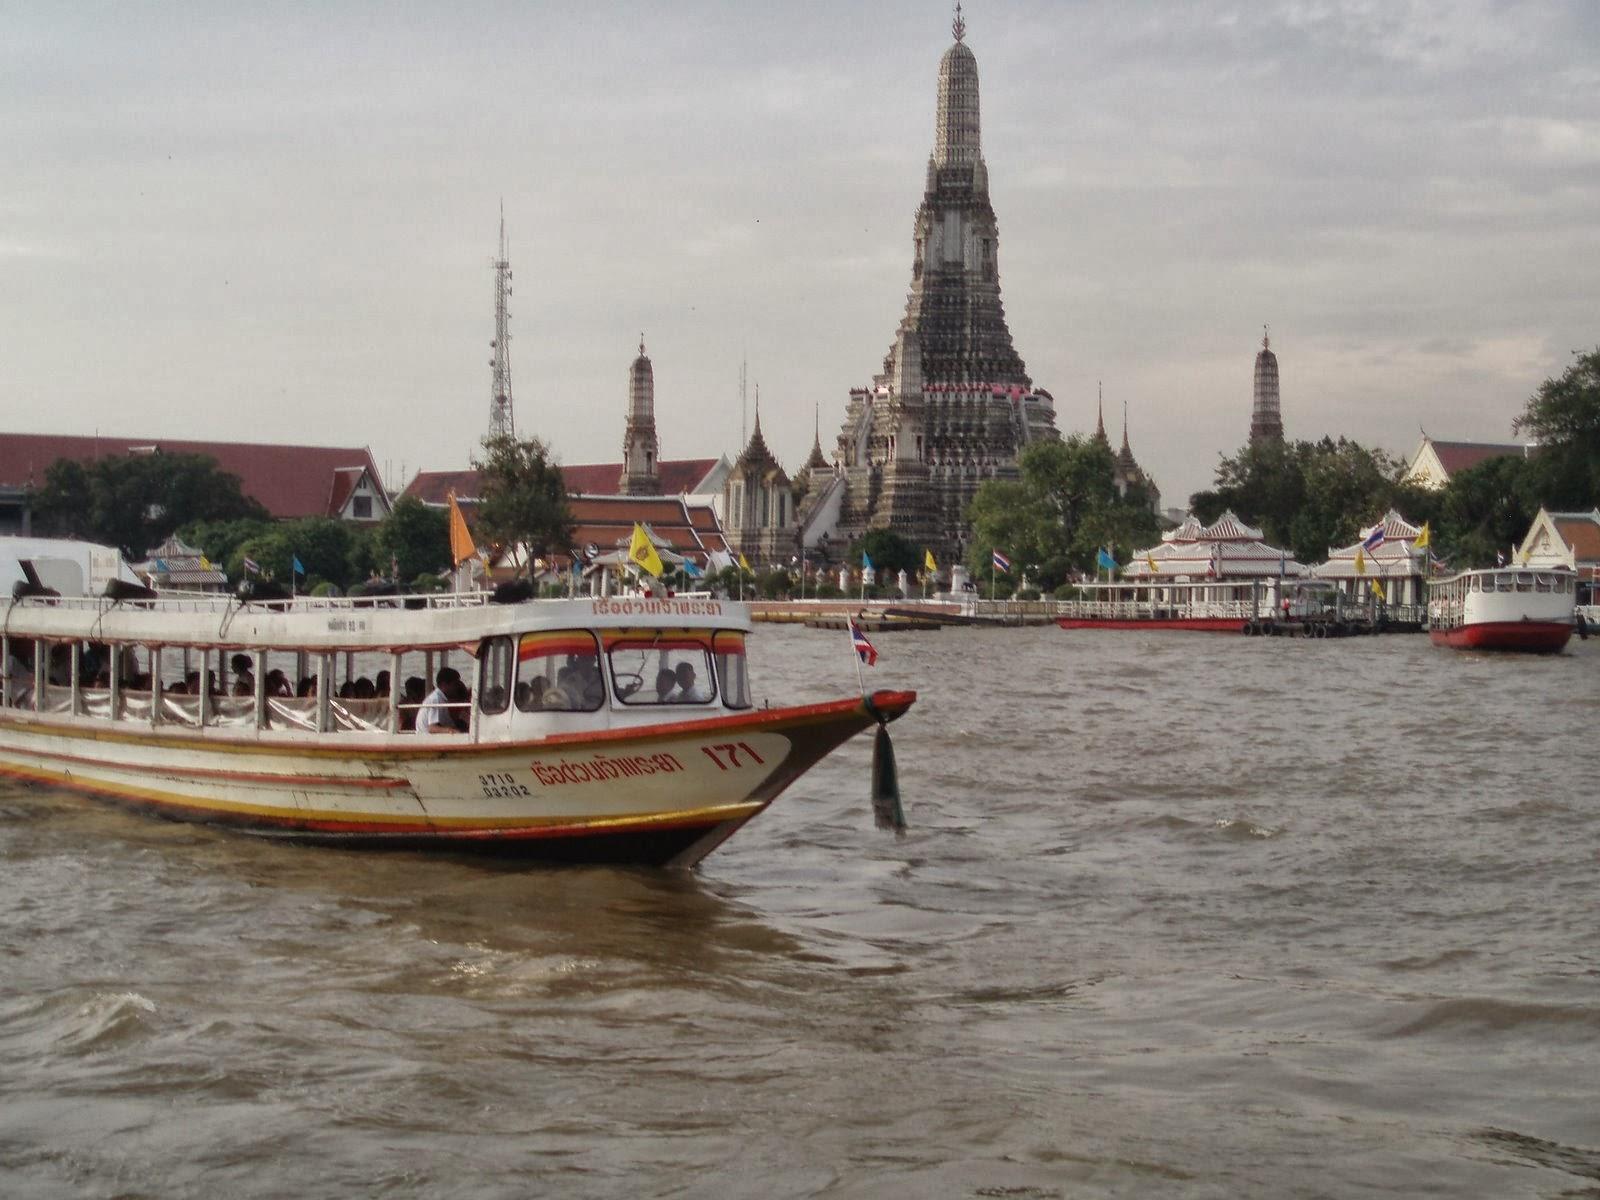 My Krung Thep Bangkok Bangkok by boat Chao Phraya